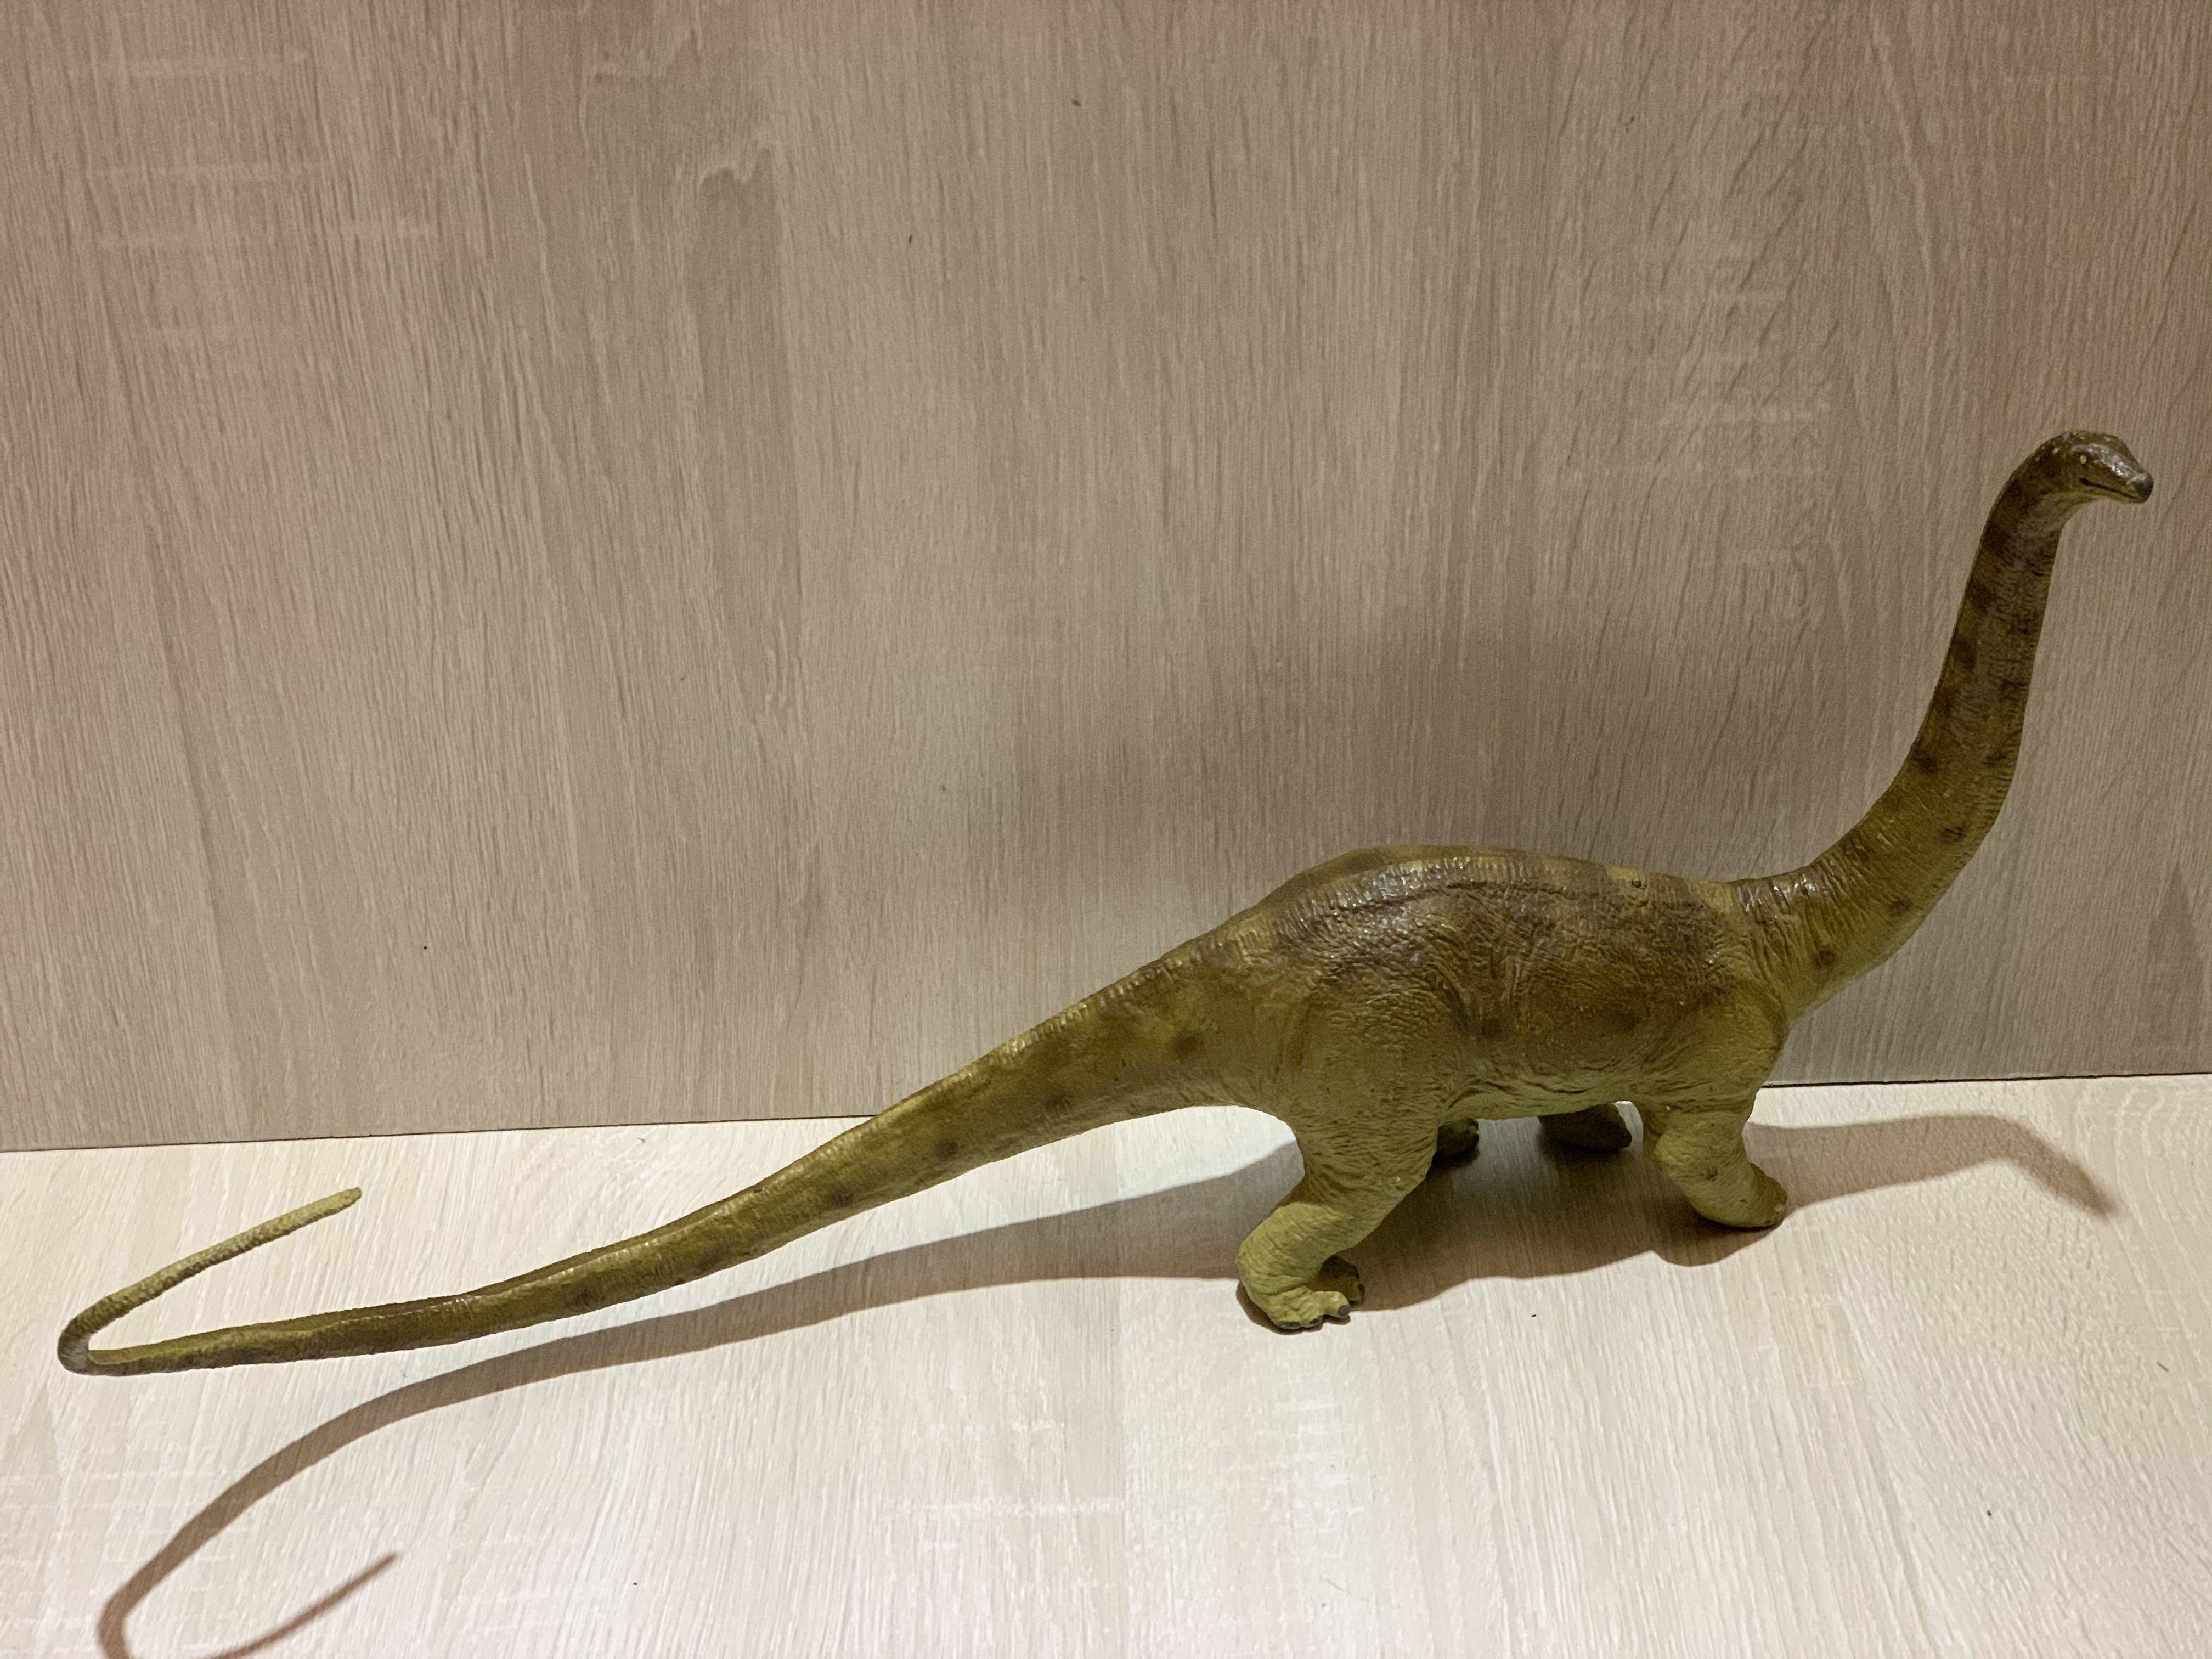 侏羅紀恐龍 恐龍玩具 恐龍 玩具恐龍 恐龍模型 早期恐龍玩具